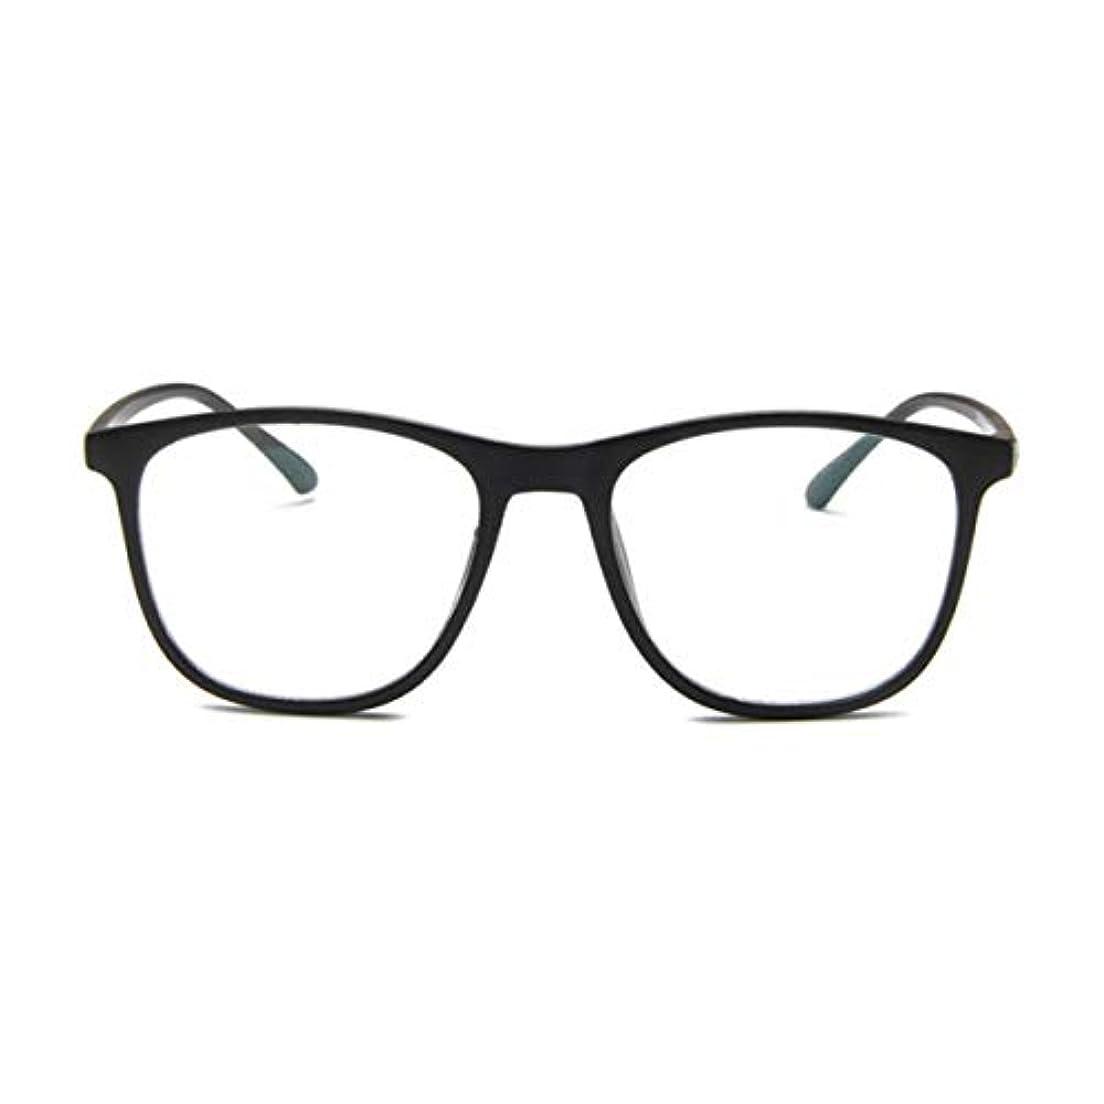 思春期の皮肉な聞きます韓国の学生のプレーンメガネの男性と女性のファッションメガネフレーム近視メガネフレームファッショナブルなシンプルなメガネ-マットブラック